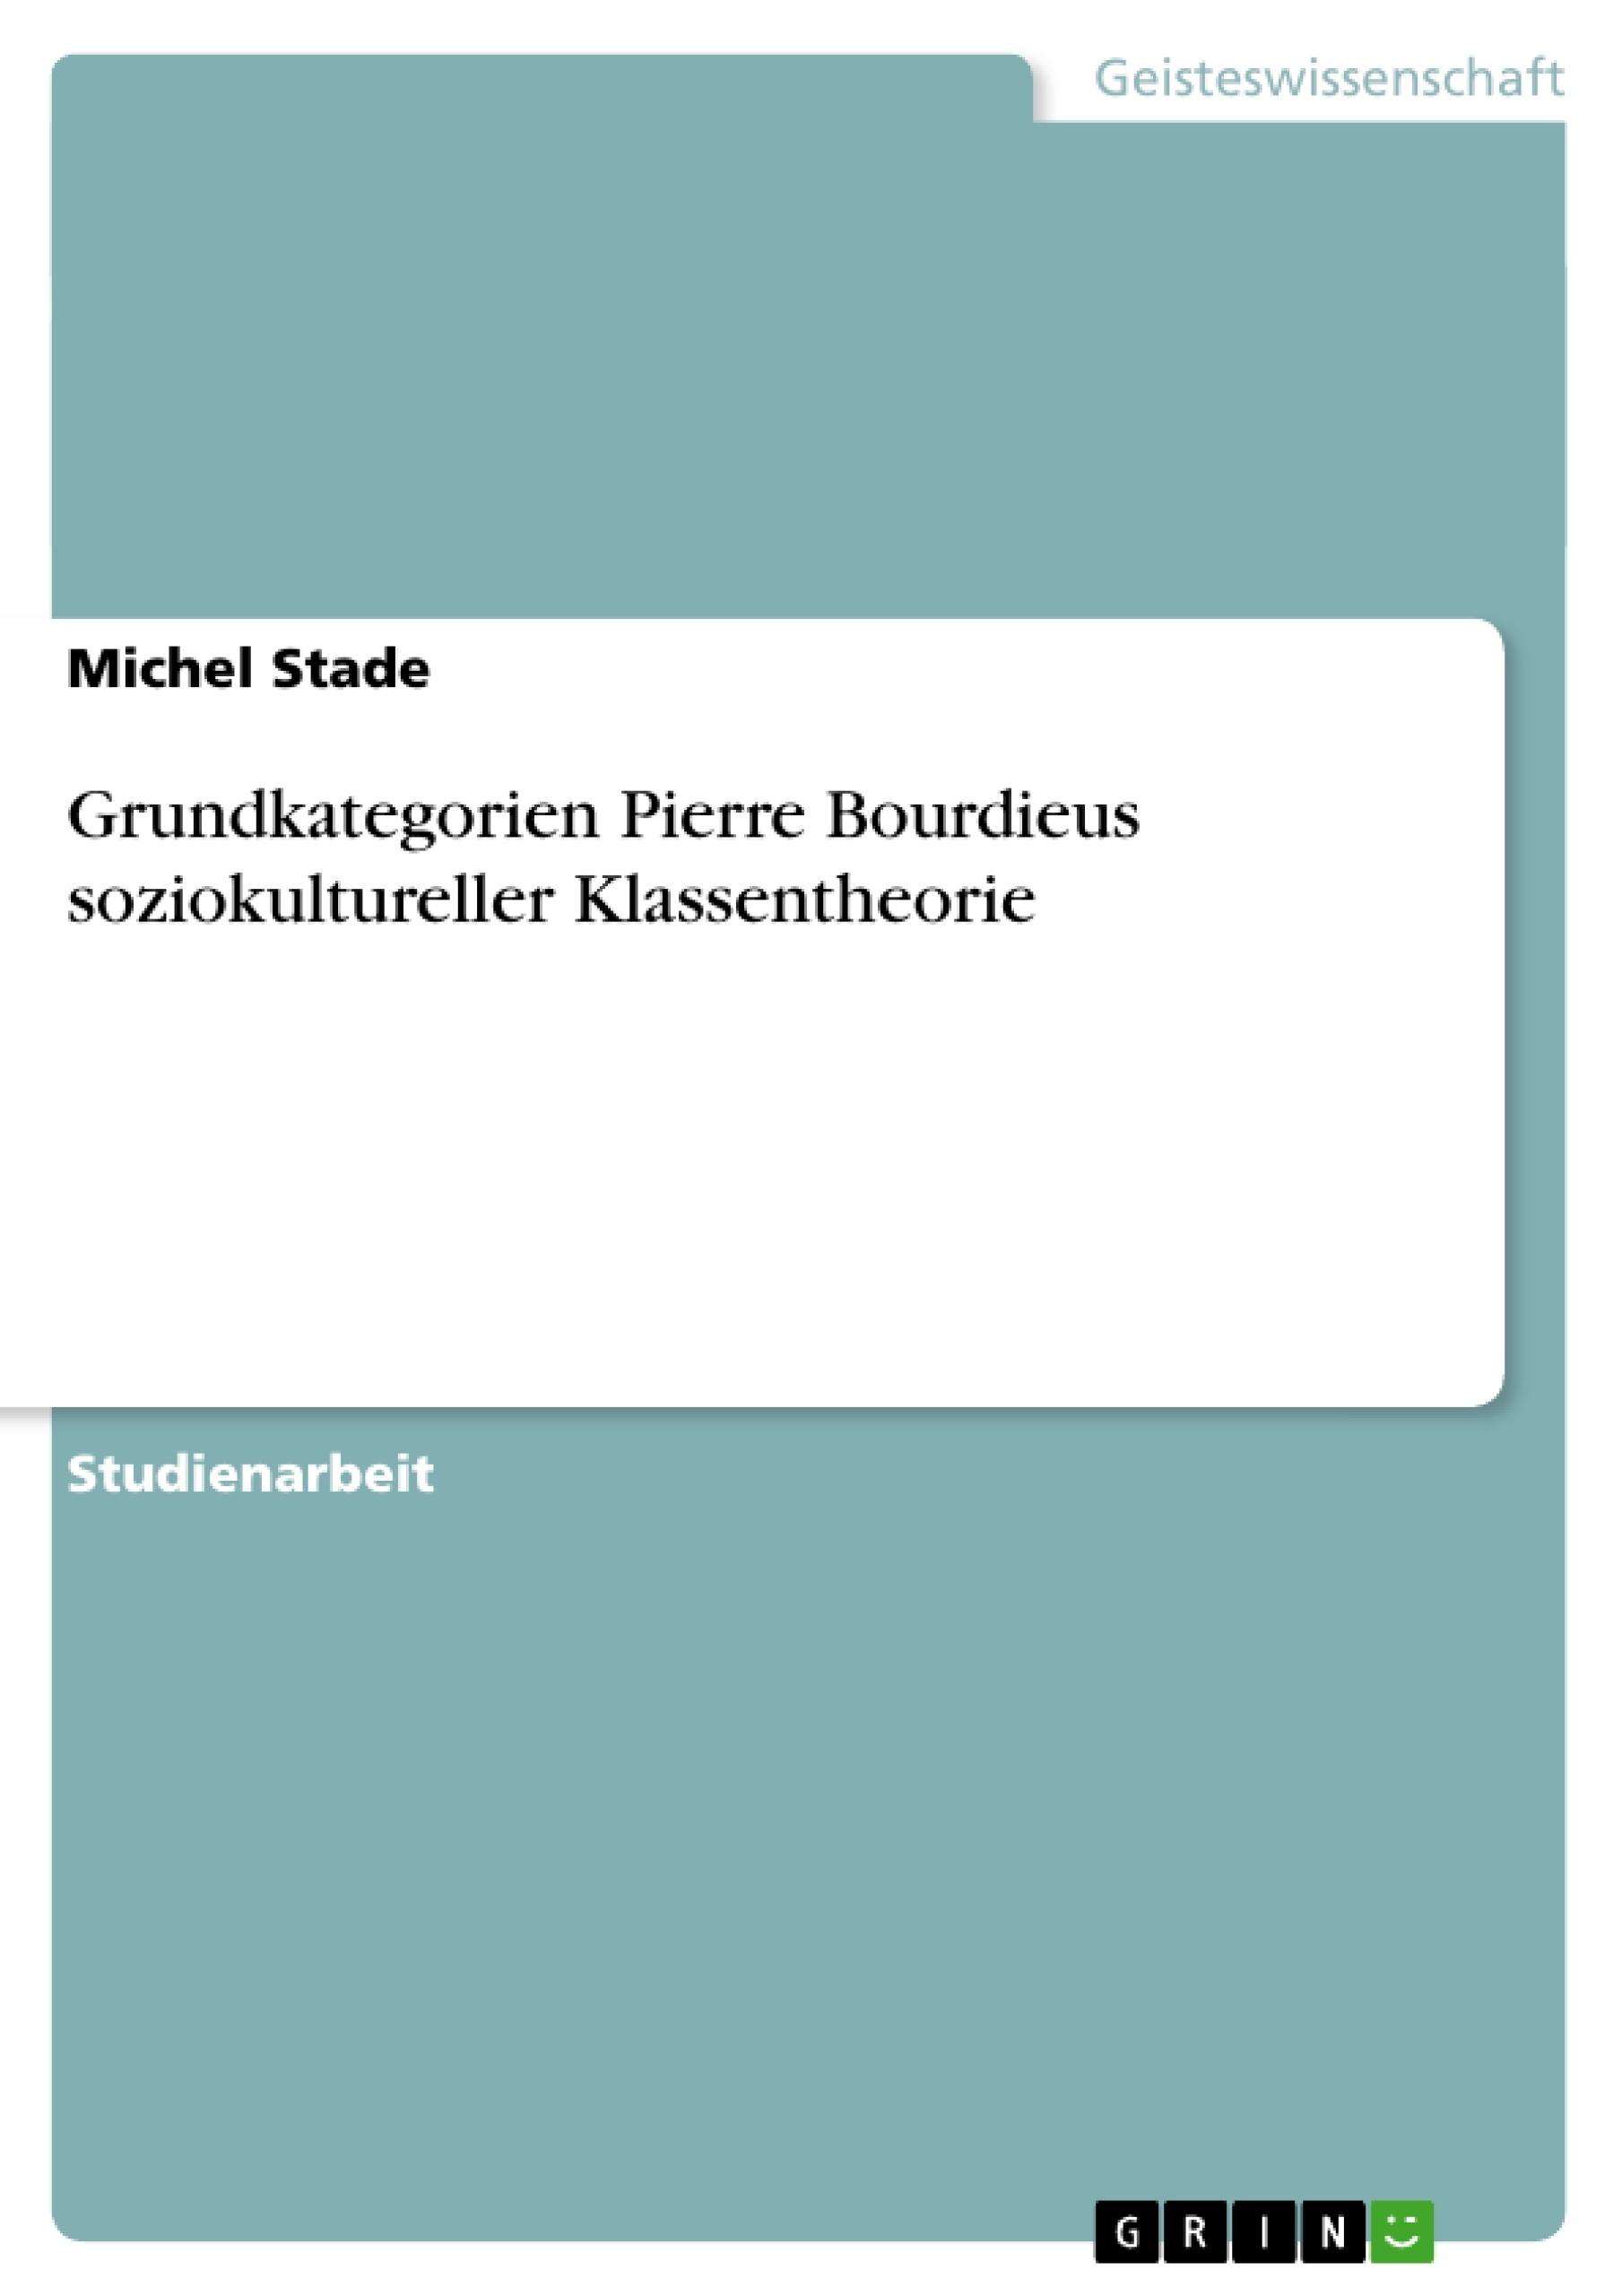 Titel: Grundkategorien Pierre Bourdieus soziokultureller Klassentheorie